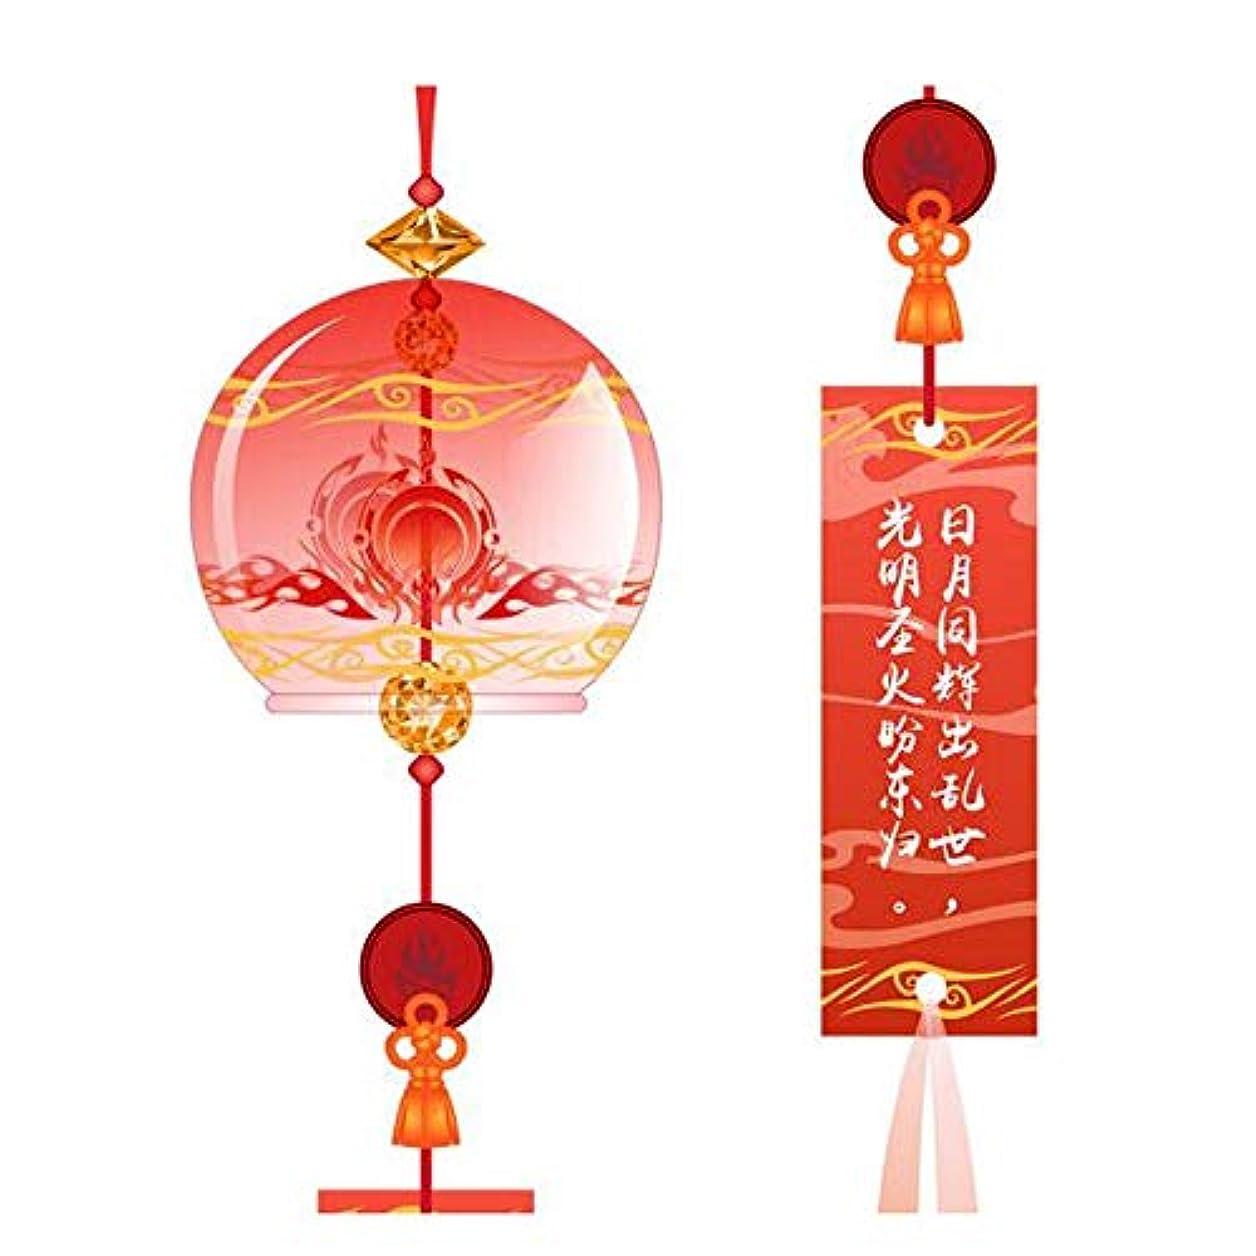 海上うねる国民投票Jingfengtongxun 風チャイム、クリスタルクリアガラスの風チャイム、グリーン、全身について31センチメートル,スタイリッシュなホリデーギフト (Color : Red-B)